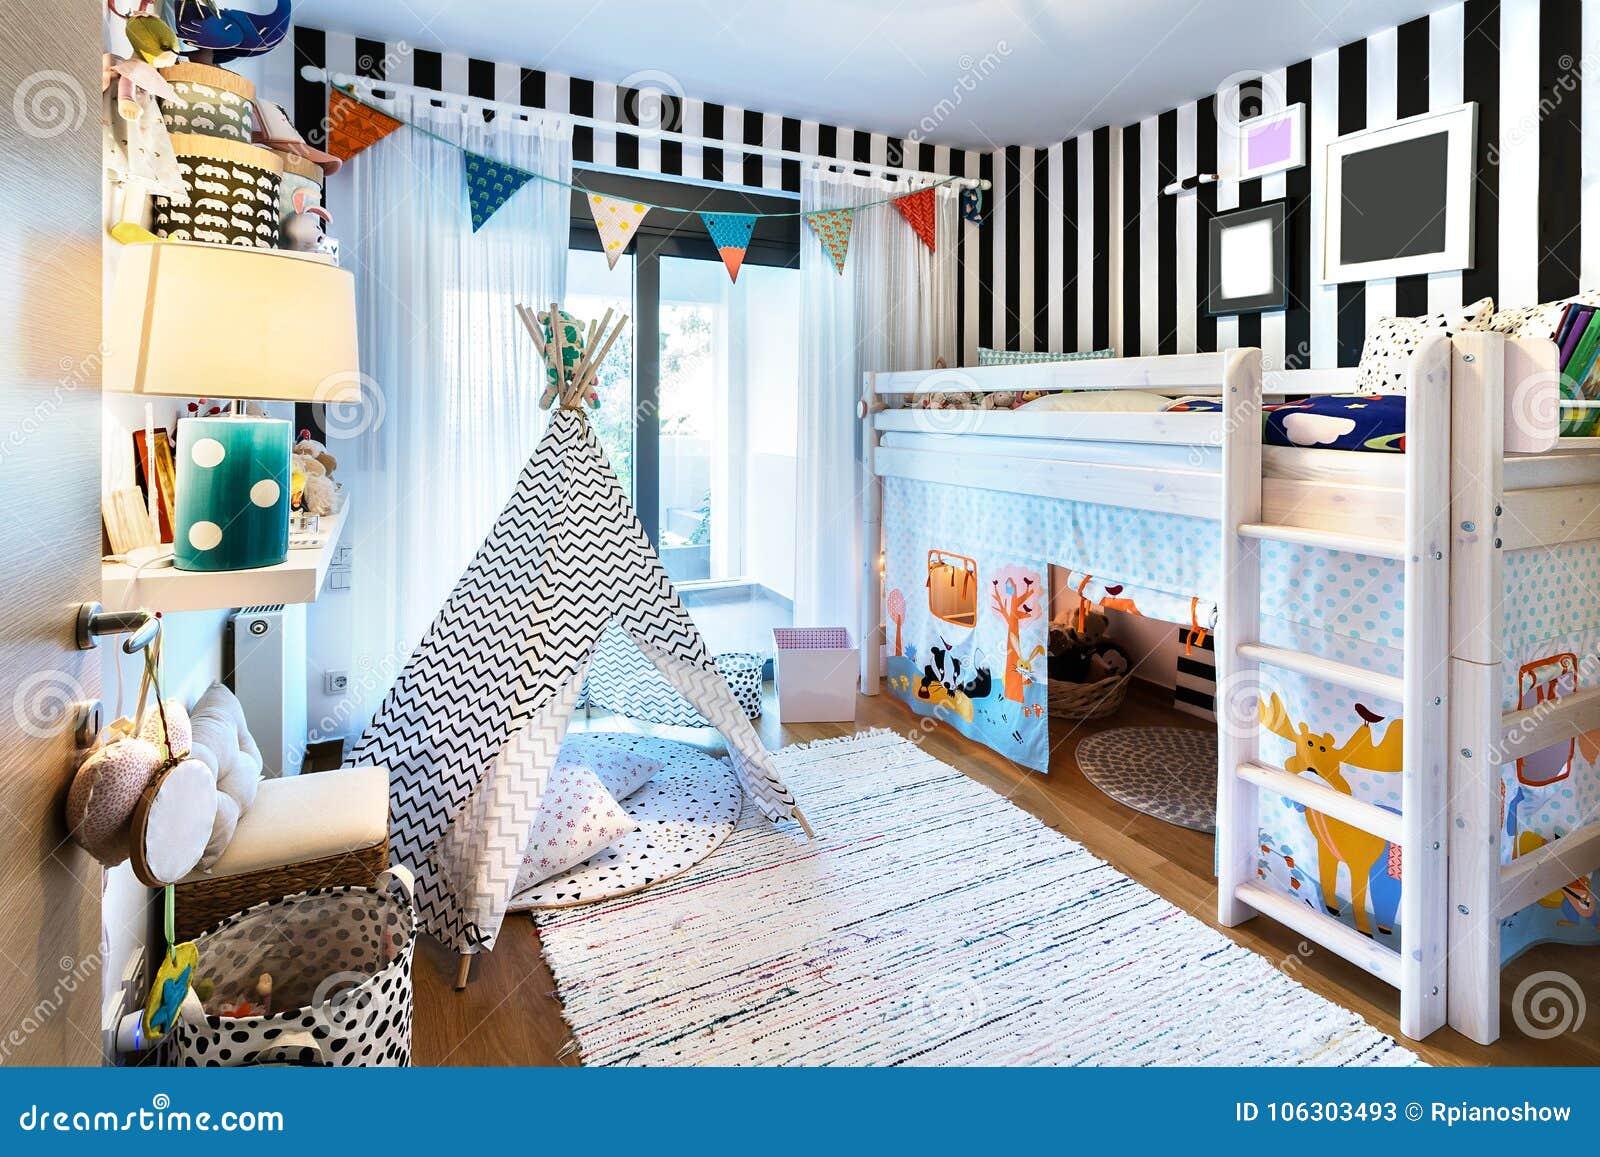 Kinderschlafzimmer Mit Tipi Und Etagenbett Stockbild - Bild von ...